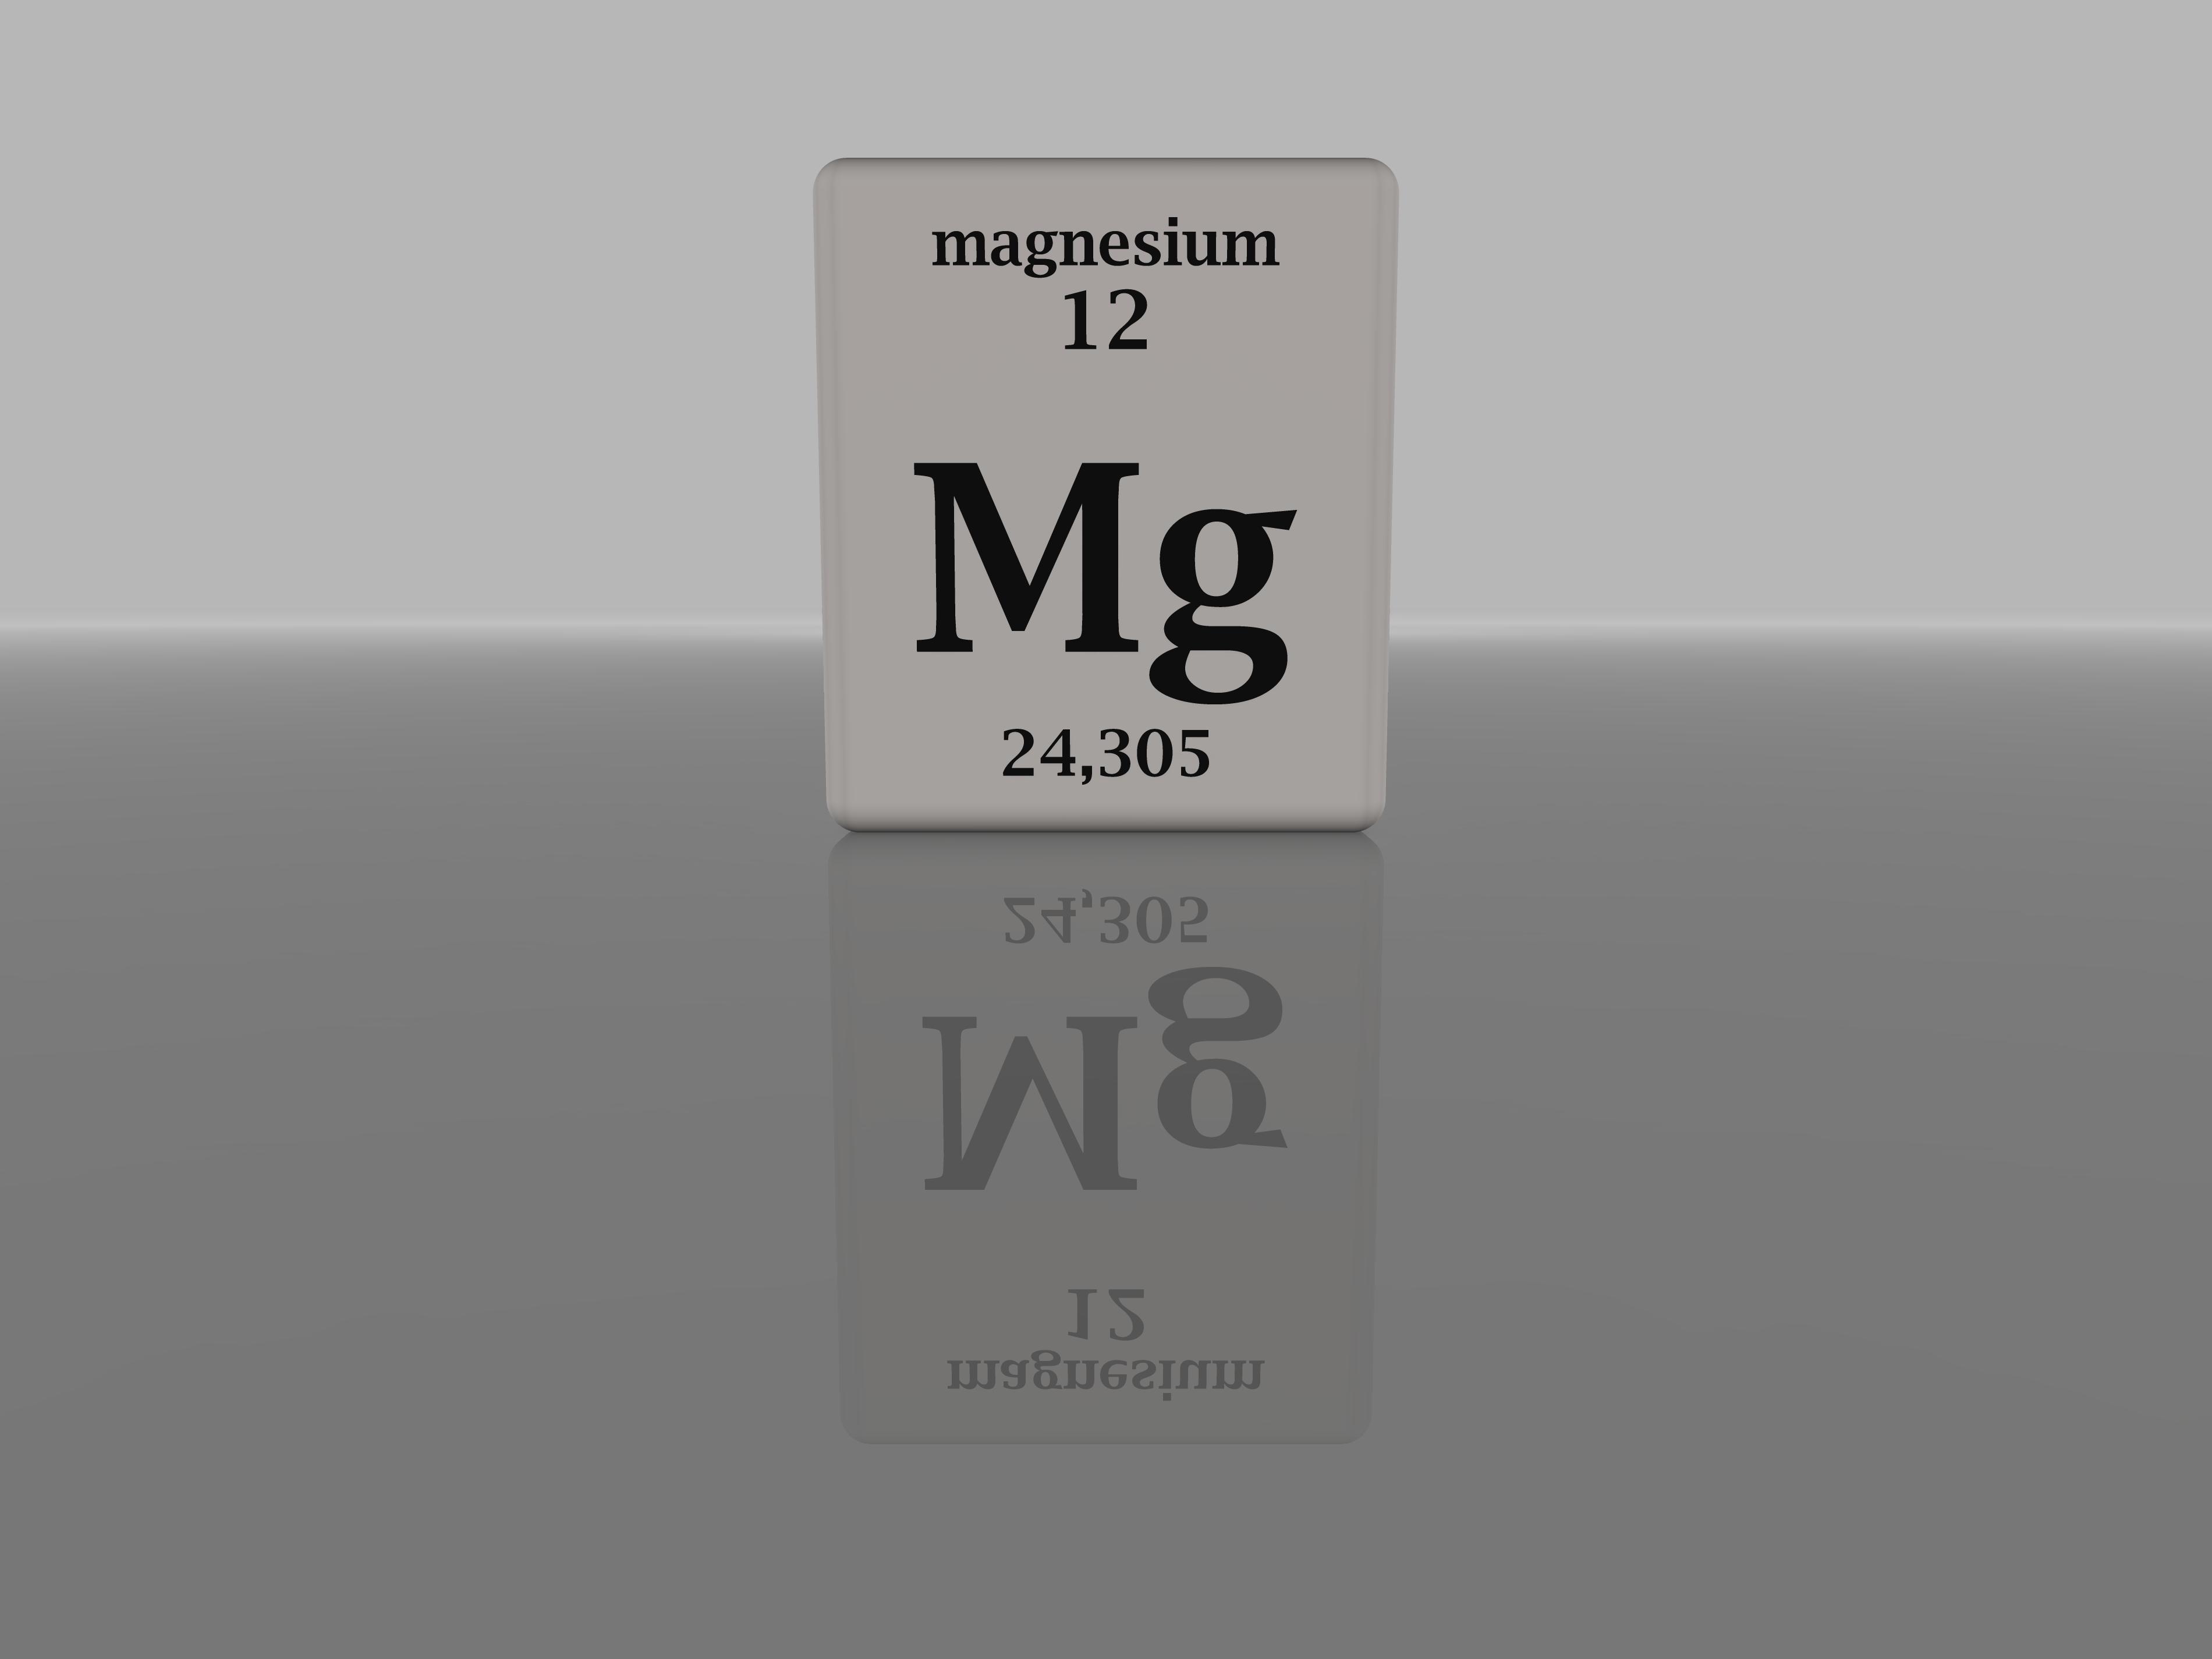 Magnesium - Mg